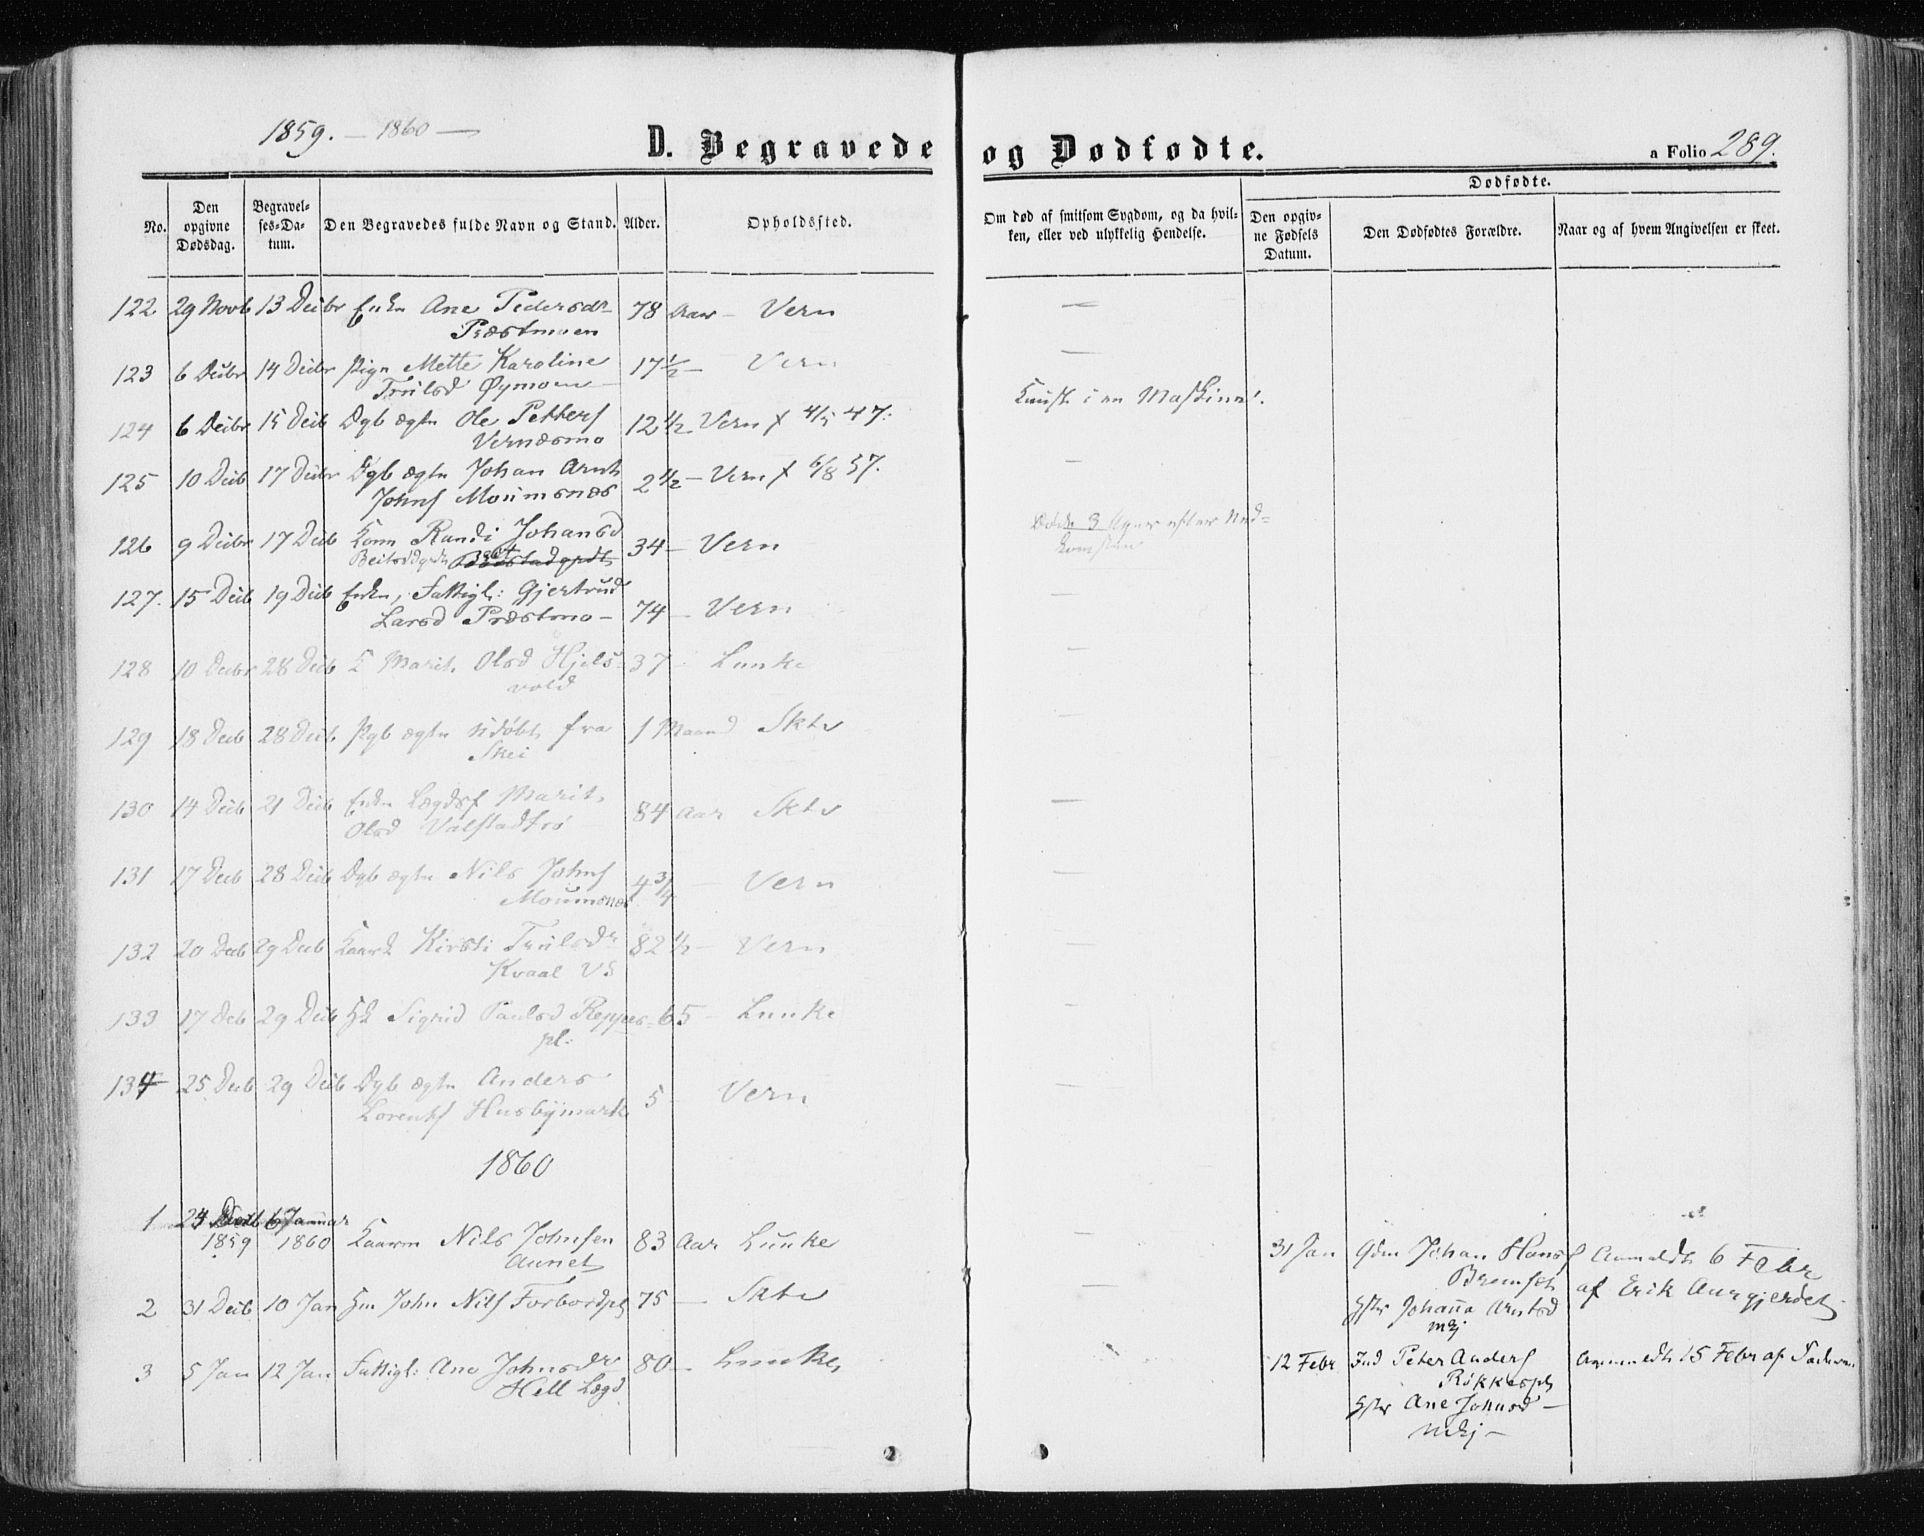 SAT, Ministerialprotokoller, klokkerbøker og fødselsregistre - Nord-Trøndelag, 709/L0075: Ministerialbok nr. 709A15, 1859-1870, s. 289